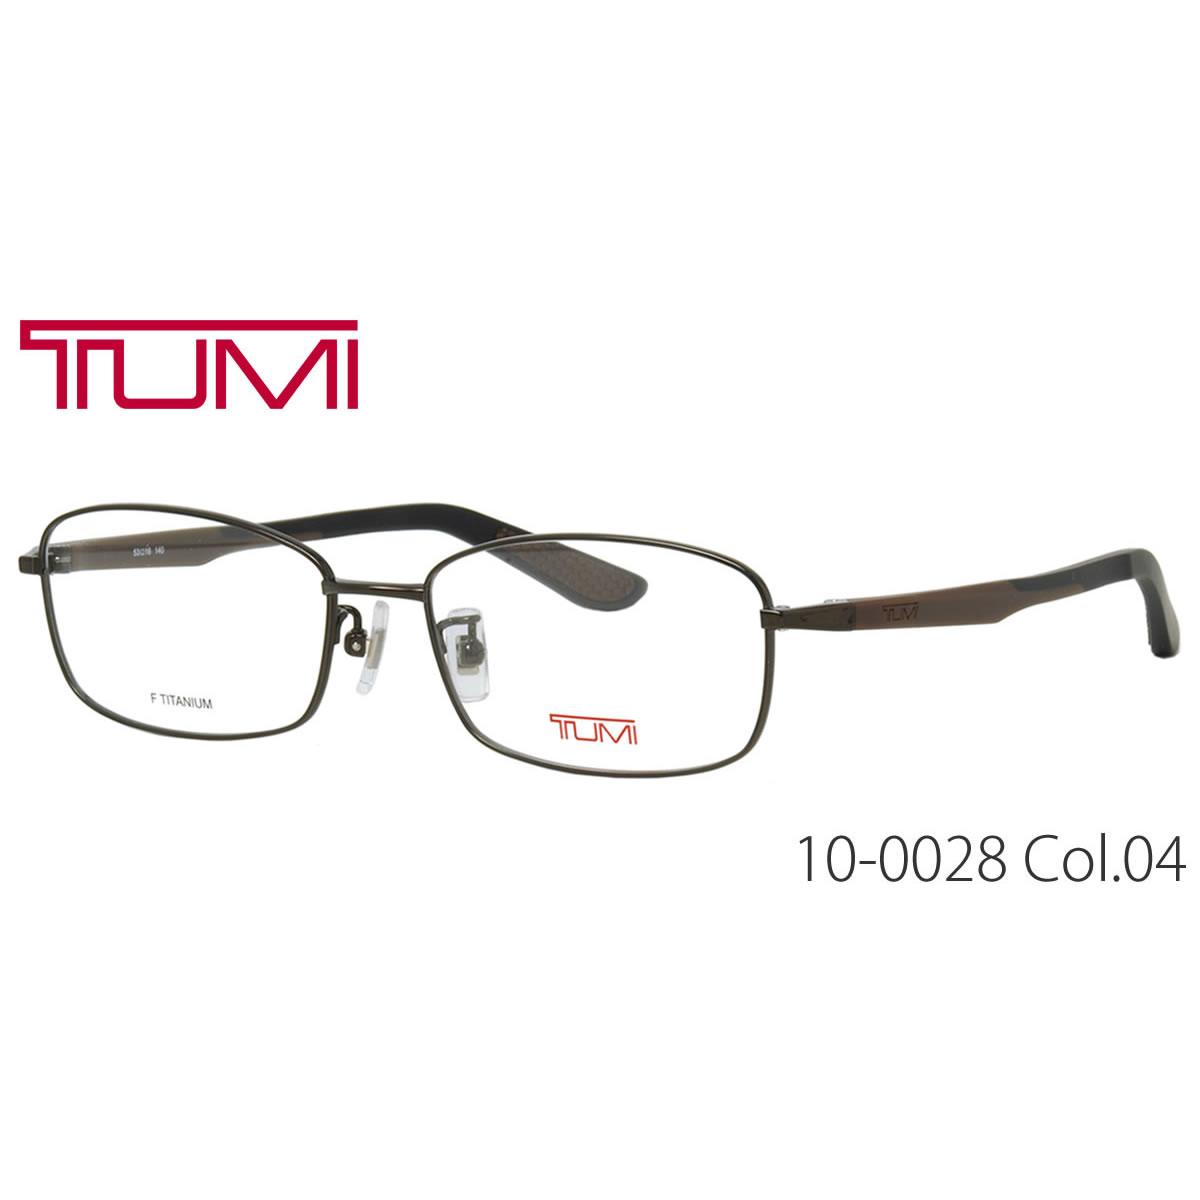 ほぼ全品ポイント15倍~20倍+15倍+2倍 トゥミ メガネ 10-0028 04 53サイズ TUMI ビジネスバッグで人気のブランド メンズ